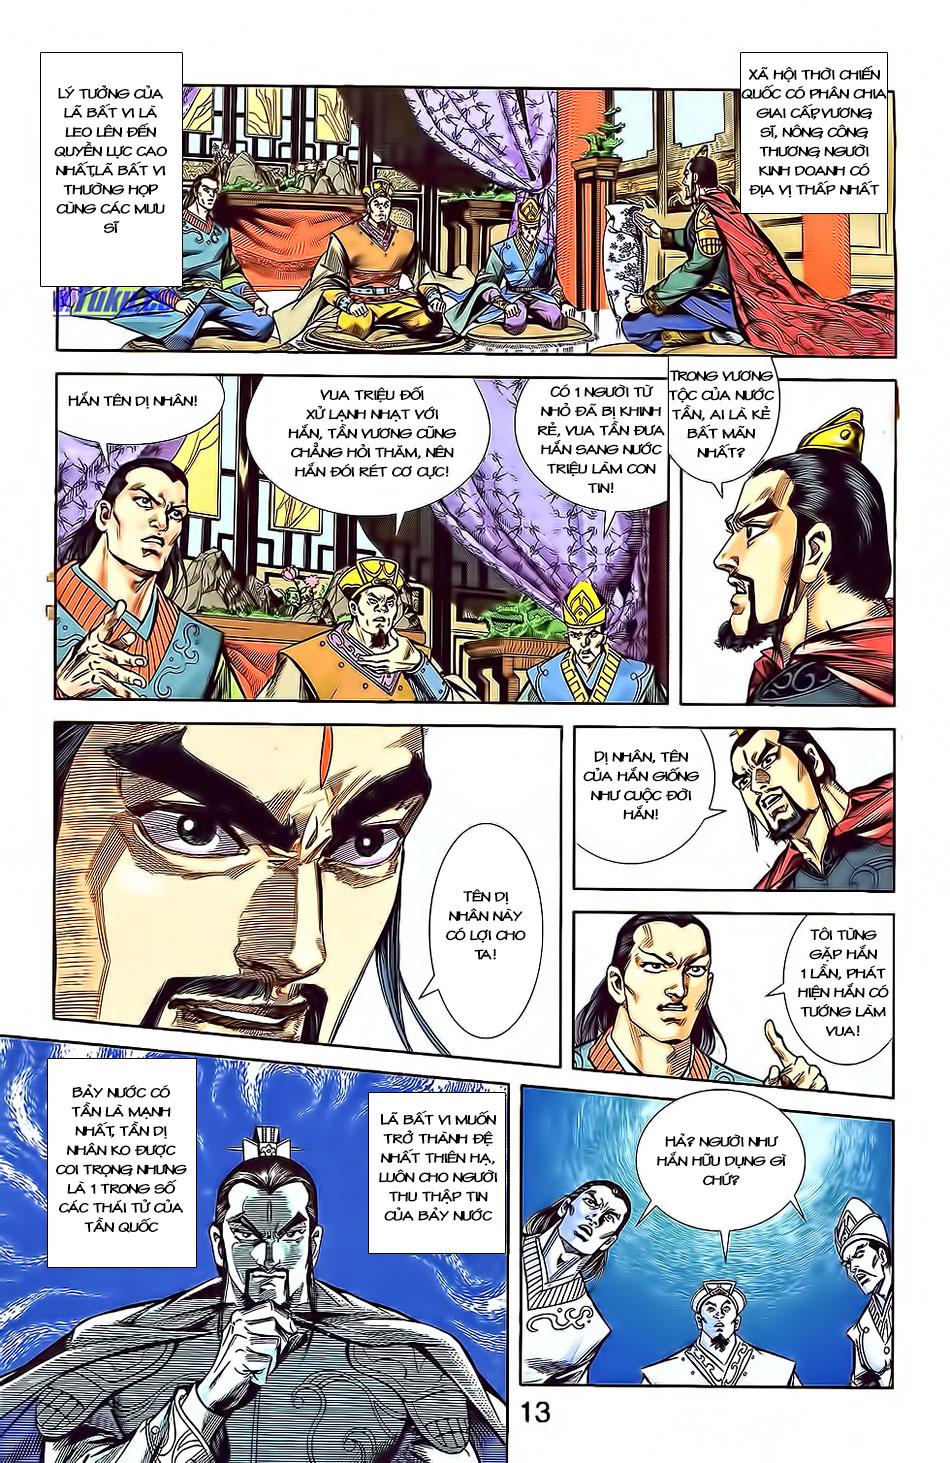 Tần Vương Doanh Chính chapter 3 trang 15